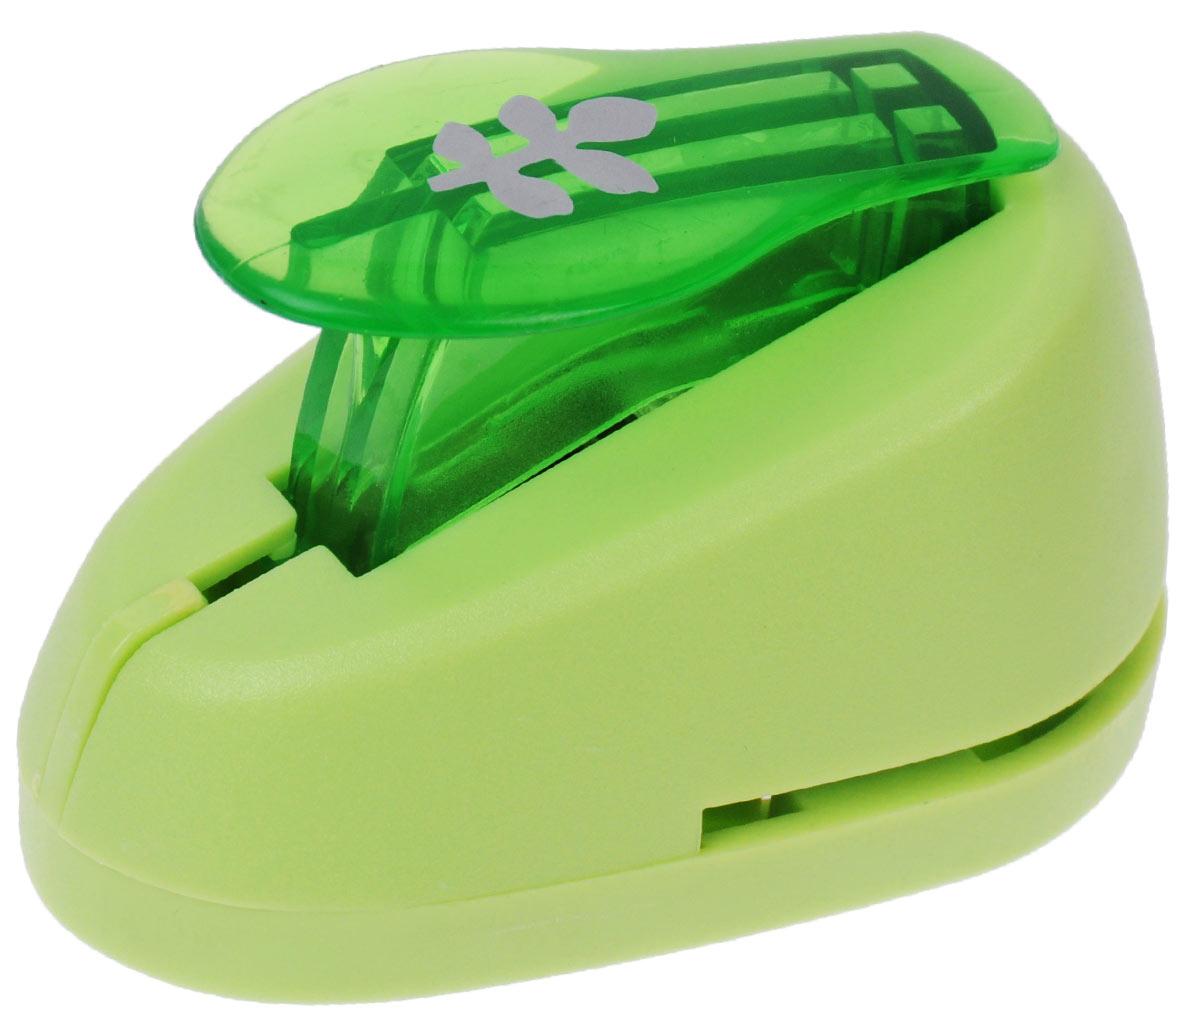 Дырокол фигурный Hobbyboom Веточка, №338, цвет: зеленый, 1,8 смFS-00897Фигурный дырокол Hobbyboom Веточка изготовлен из пластика и металла, используется в скрапбукинге для создания оригинальных открыток, оформления подарков, в бумажном творчестве и т.д. Рисунок прорези указан на ручке дырокола.Используется для прорезания фигурных отверстий в бумаге. Вырезанный элемент также можно использовать для украшения.Предназначен для бумаги определенной плотности - 80 - 200 г/м2. При применении на бумаге большей плотности или на картоне, дырокол быстро затупится.